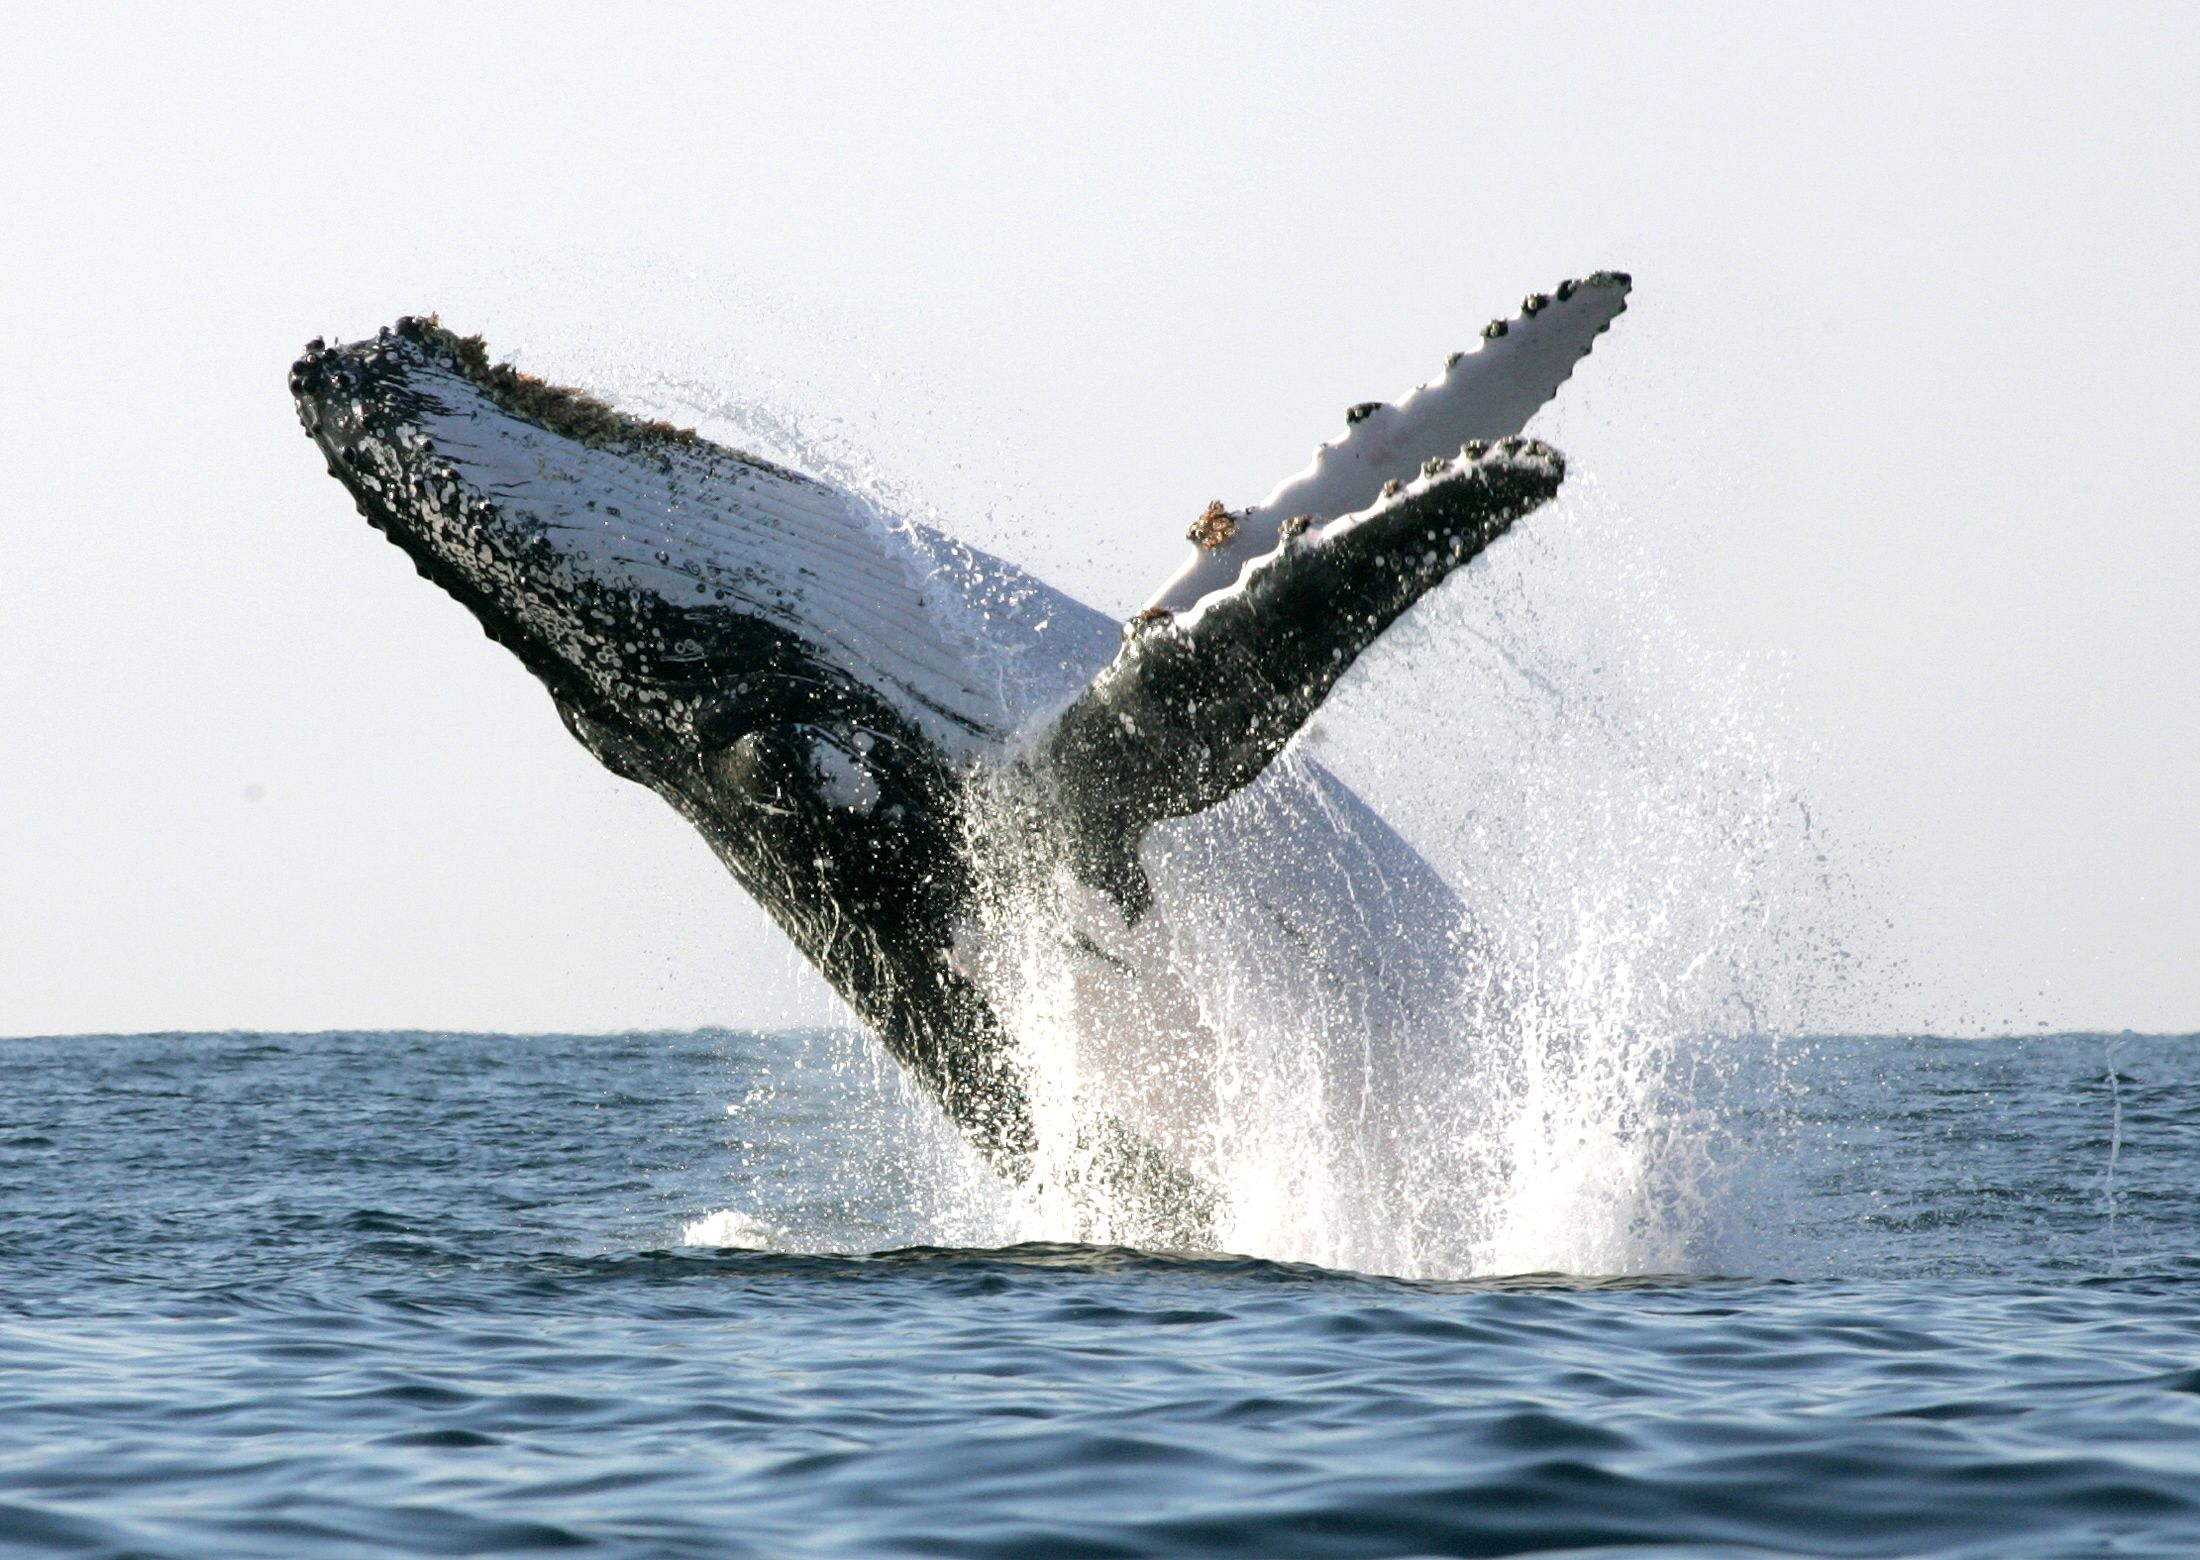 humpback whale whale watching boat breach alaska